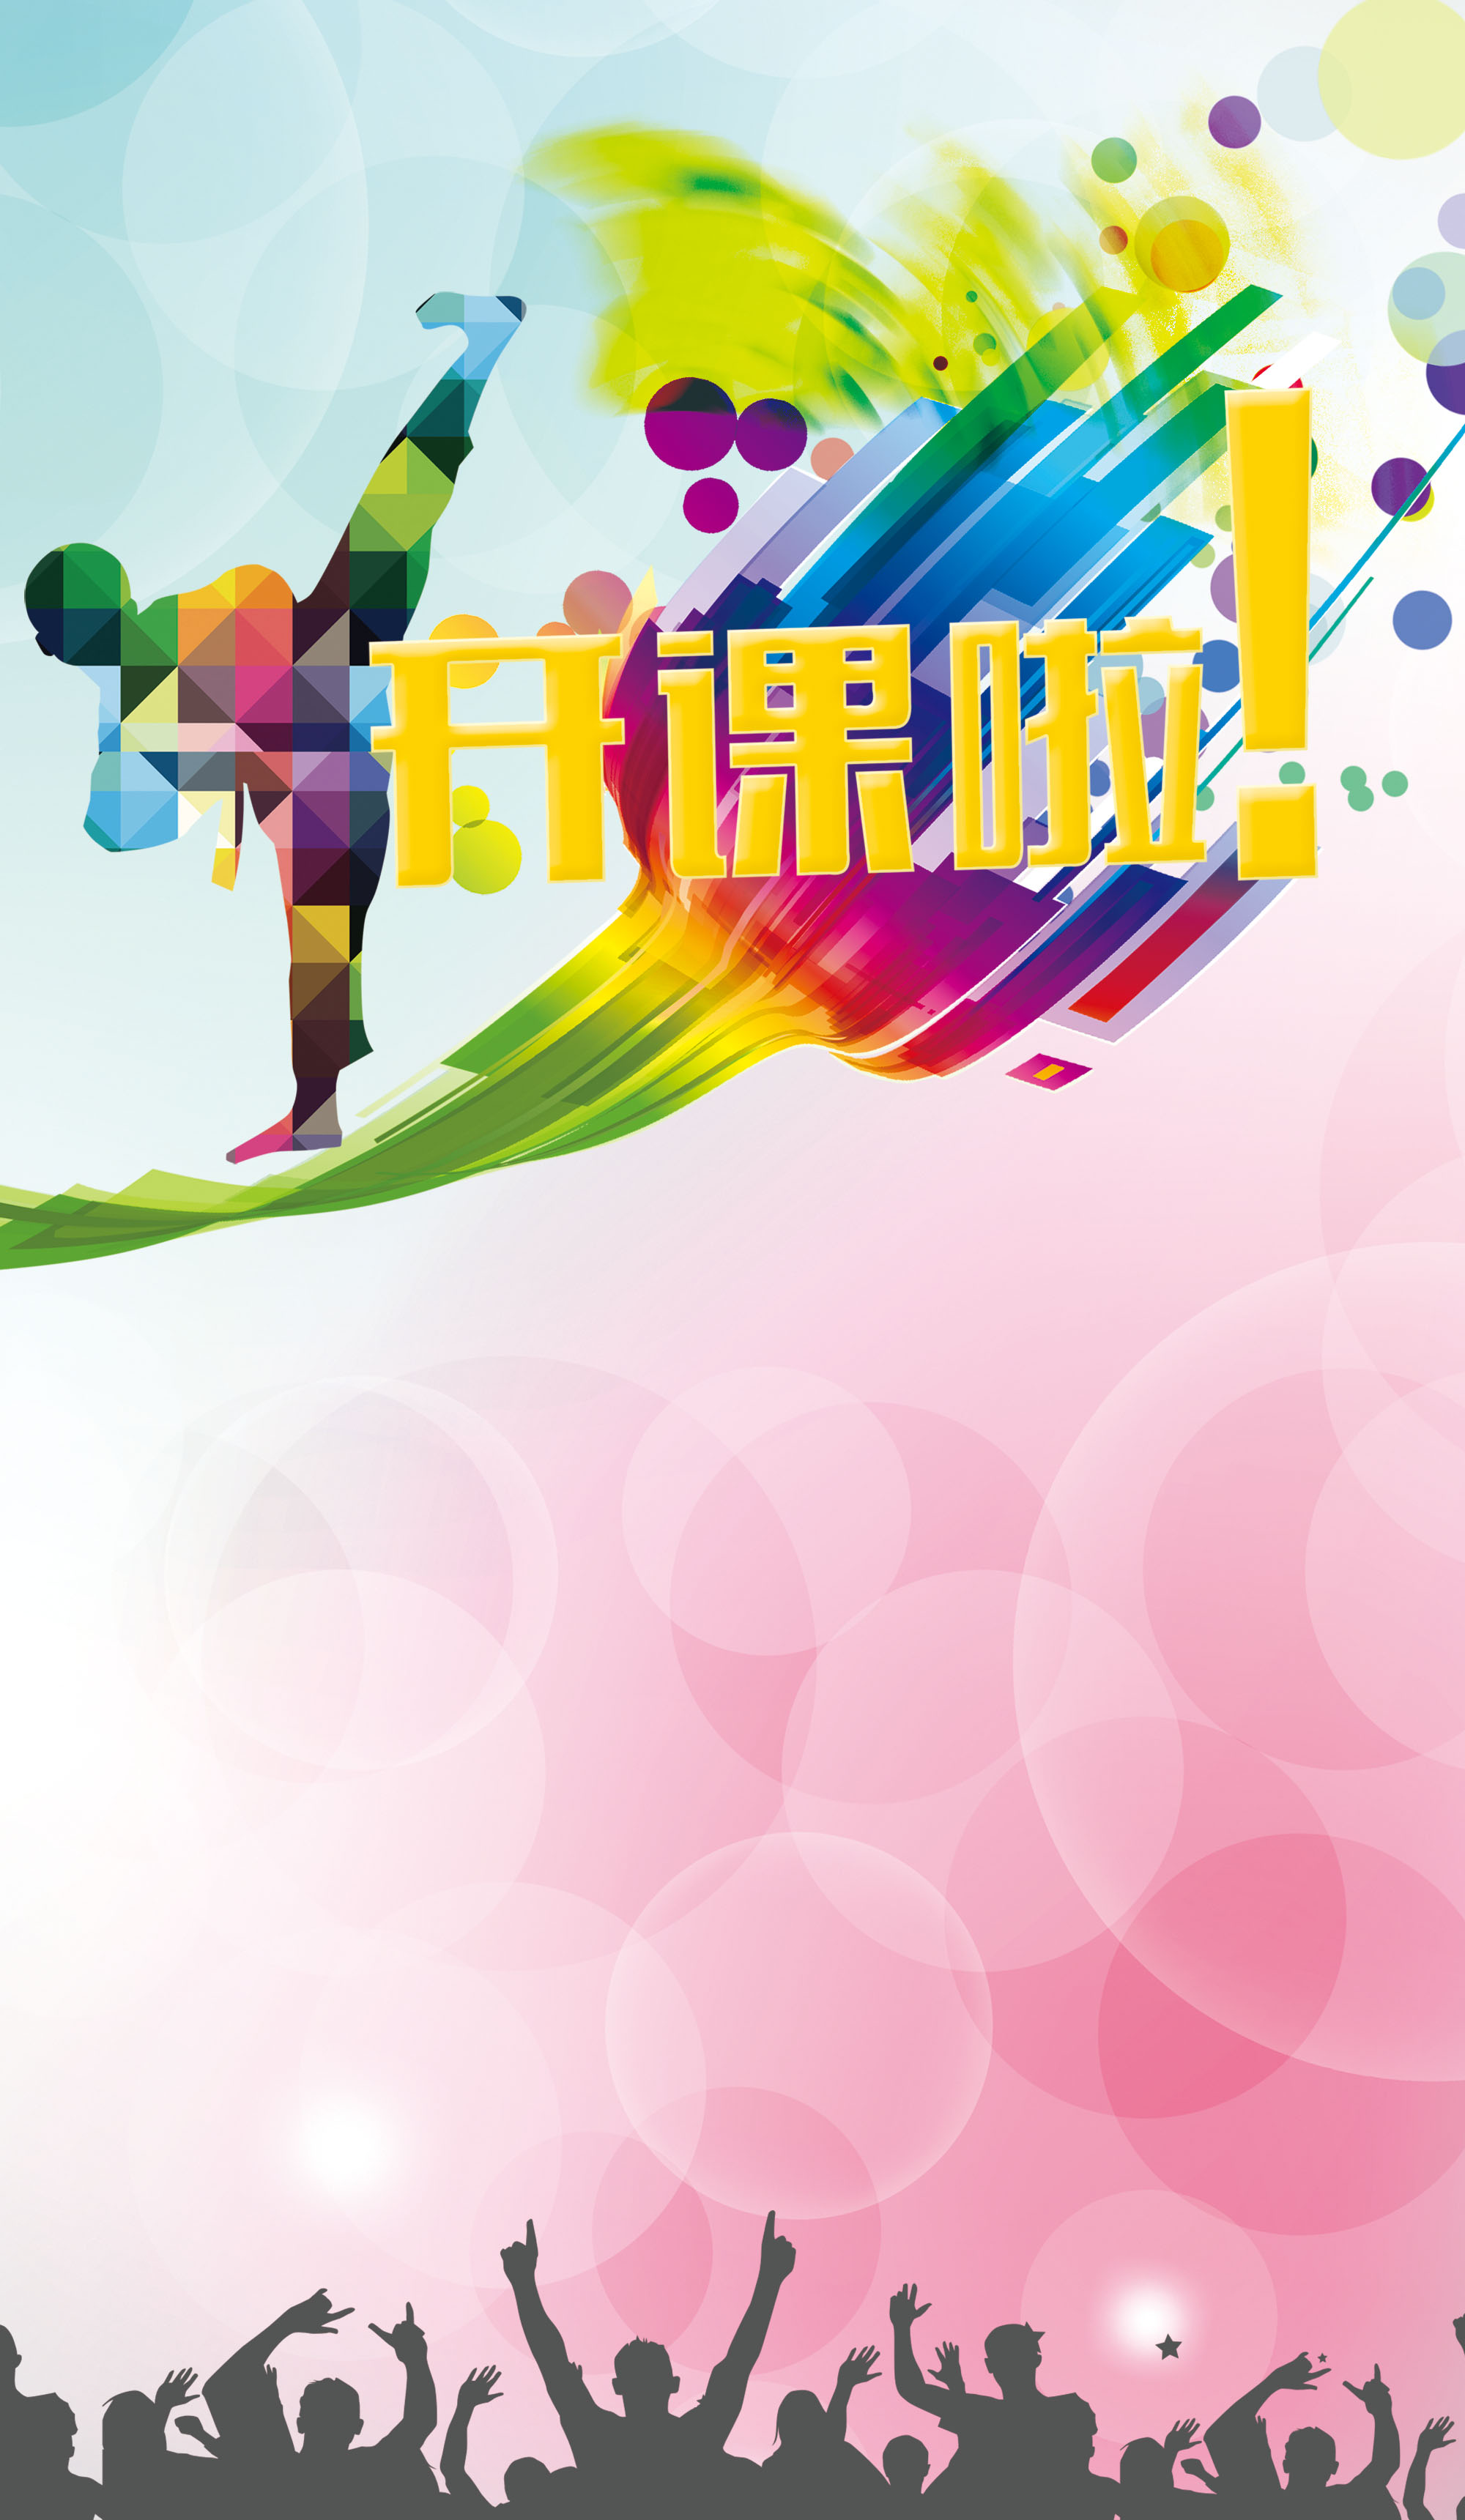 les affiches de fond en mati u00e8re de taekwondo taekwondo